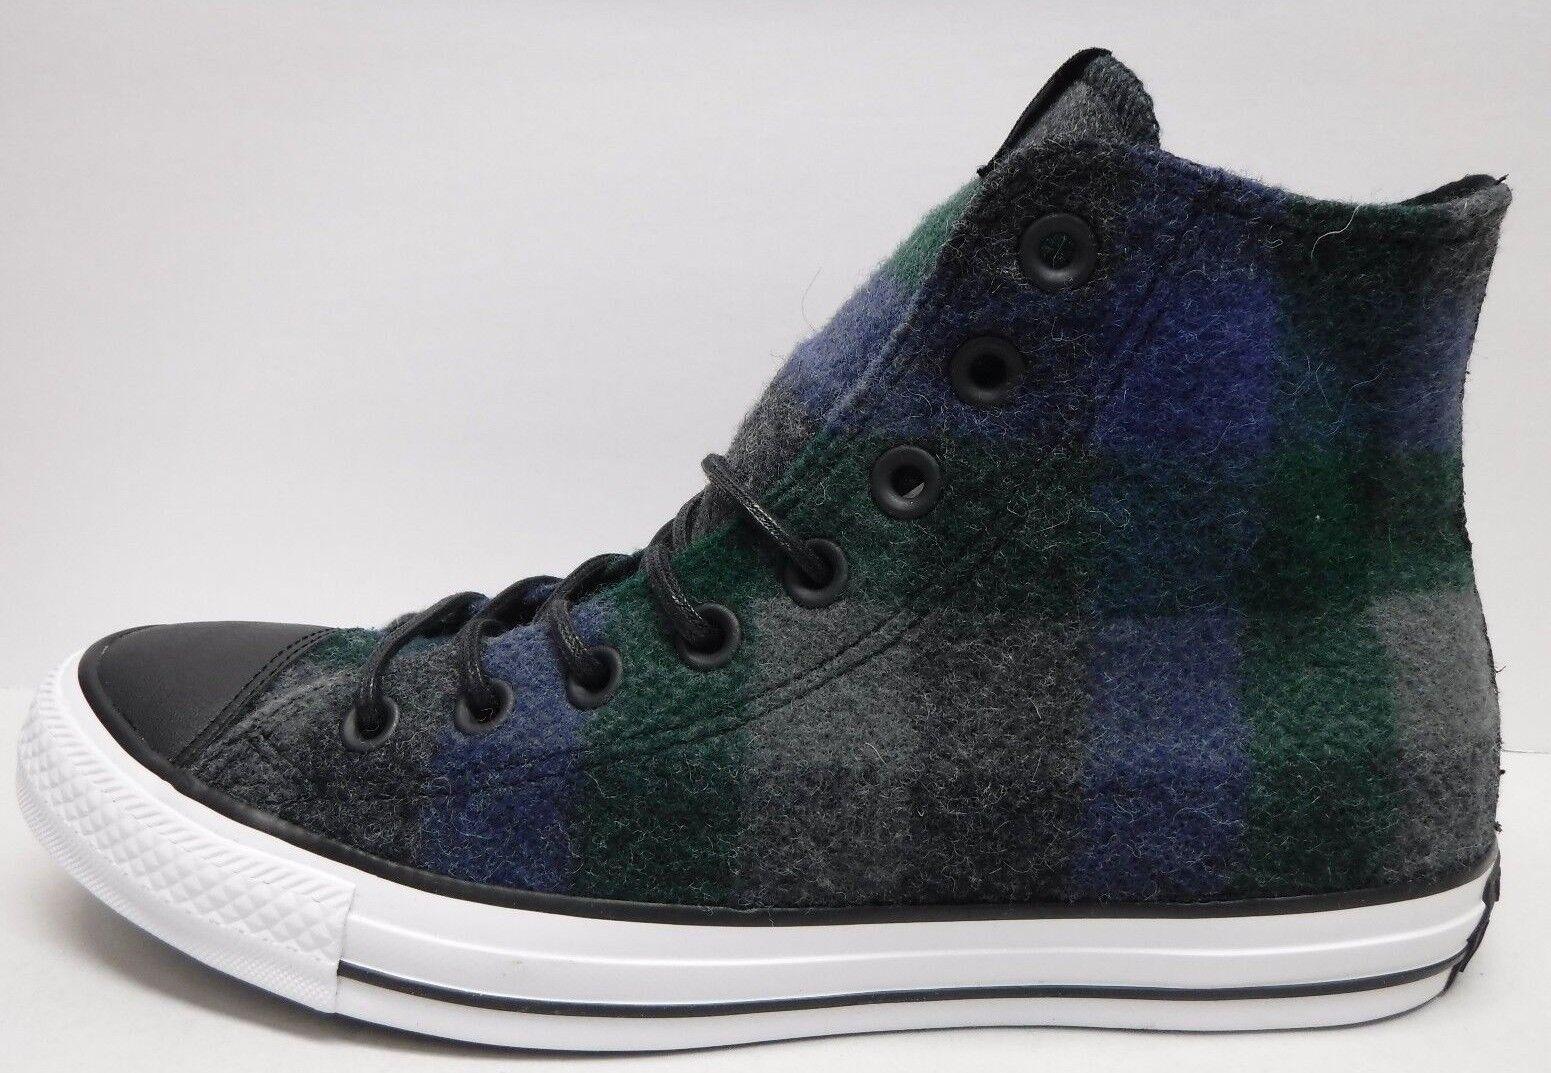 Converse woolrich größe 10 hi tops wolle Blau graue turnschuhe neue herren - schuhe